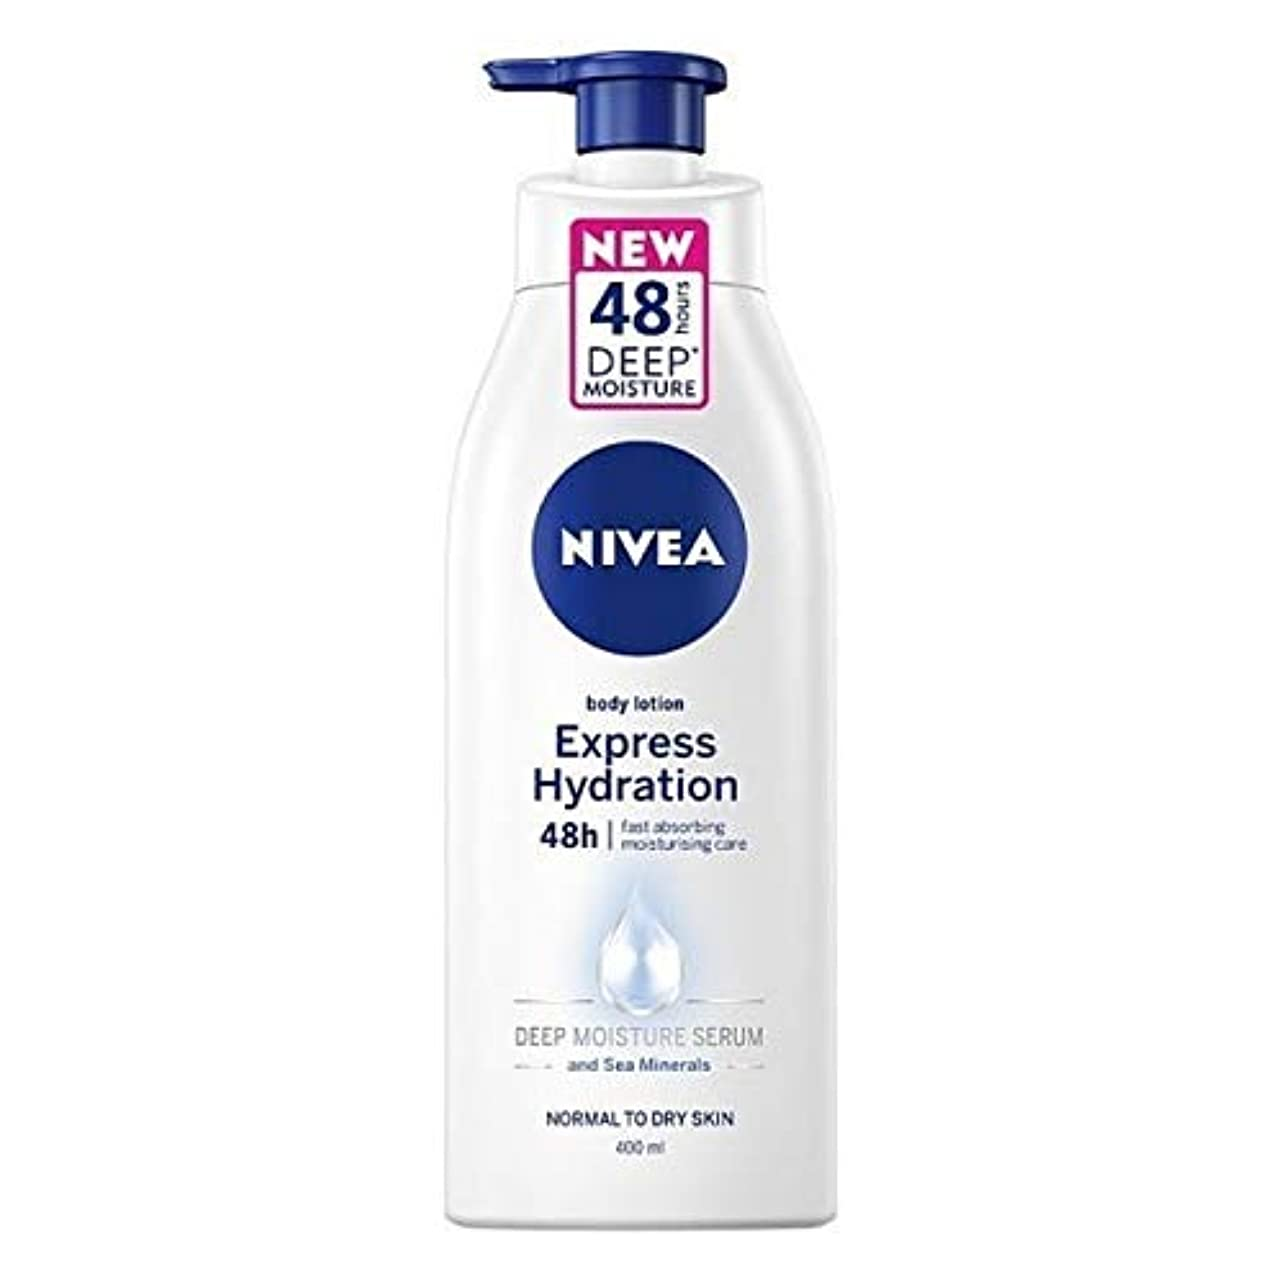 基礎書道元の[Nivea ] 高速の急行水和ボディローション400ミリリットルを吸収ニベア - NIVEA Fast Absorbing Express Hydration Body Lotion 400ml [並行輸入品]